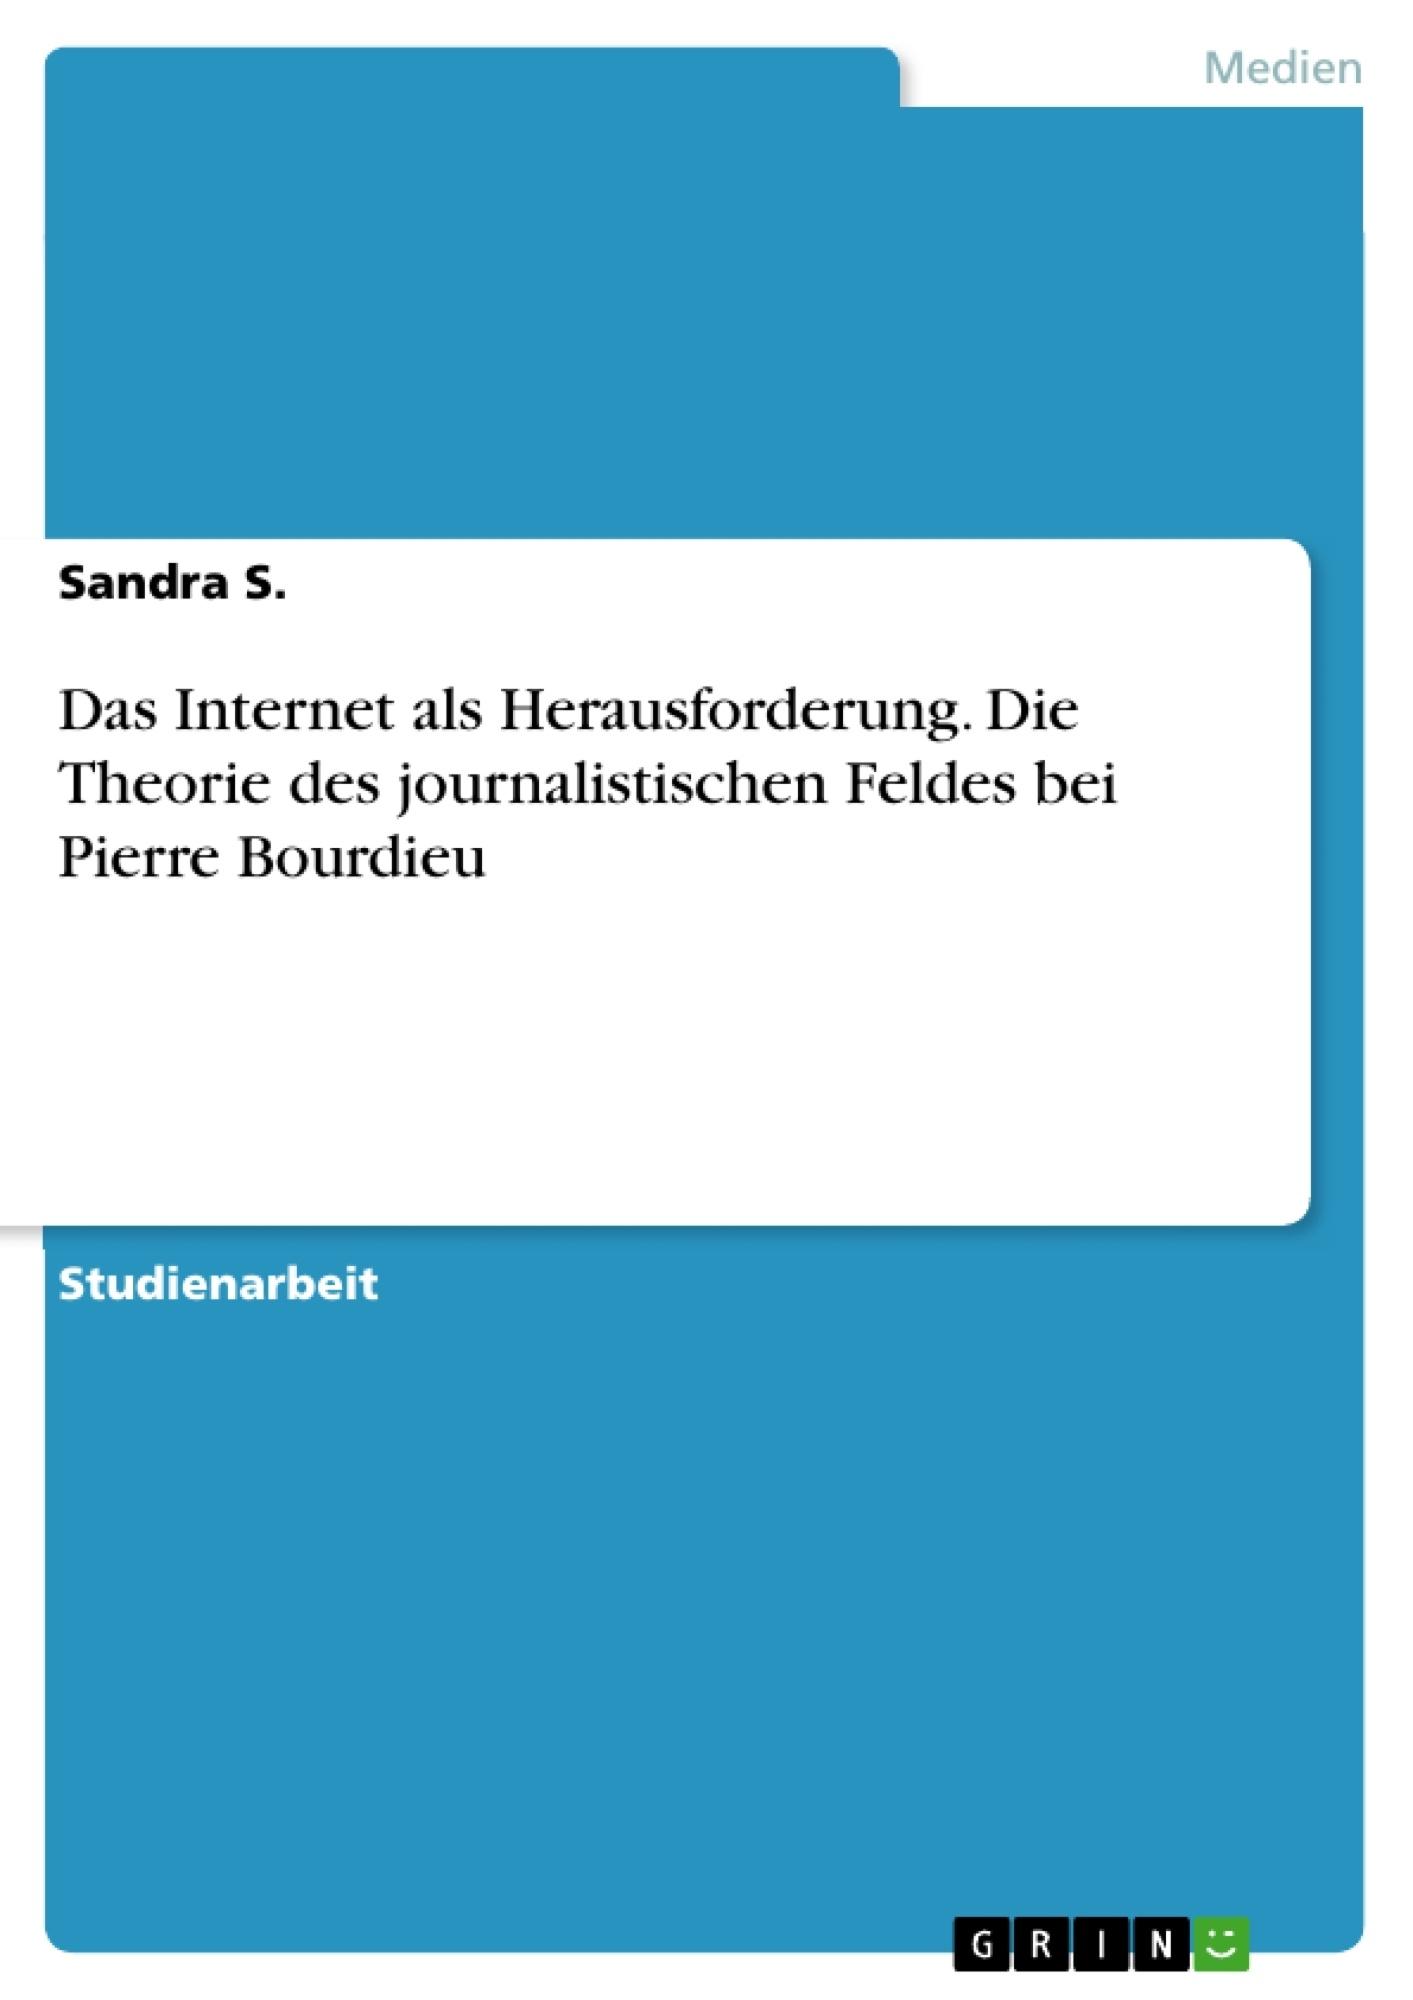 Titel: Das Internet als Herausforderung. Die Theorie des journalistischen Feldes bei Pierre Bourdieu